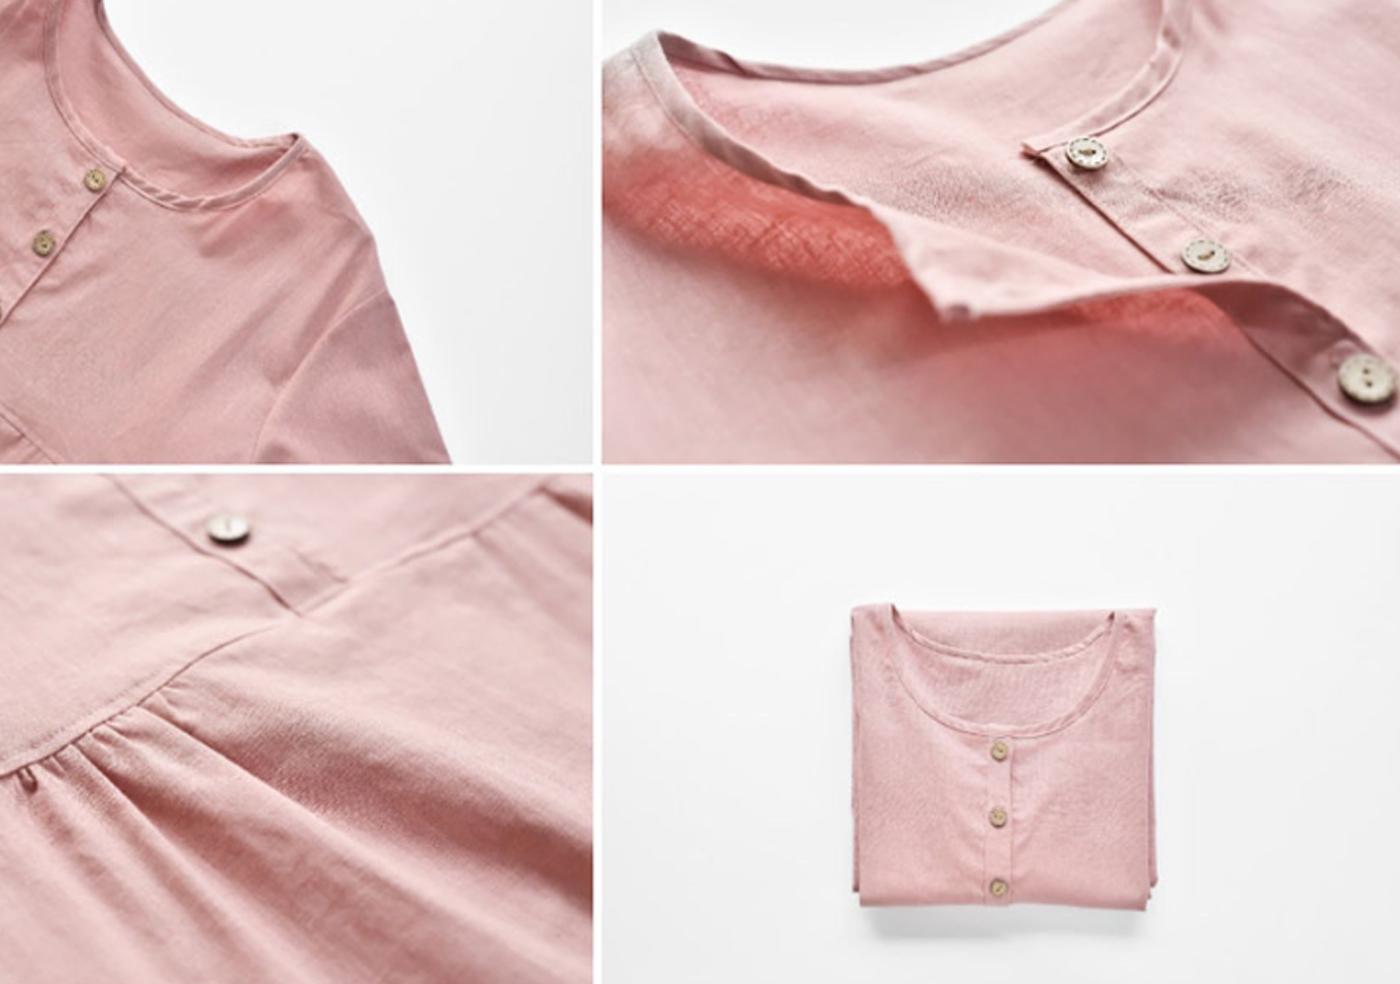 여성 광목 원피스 실내복(핑크)/실내복과 잠옷으로 활용하는 여성 홈웨어 원피스(핑크) 상세이미지4